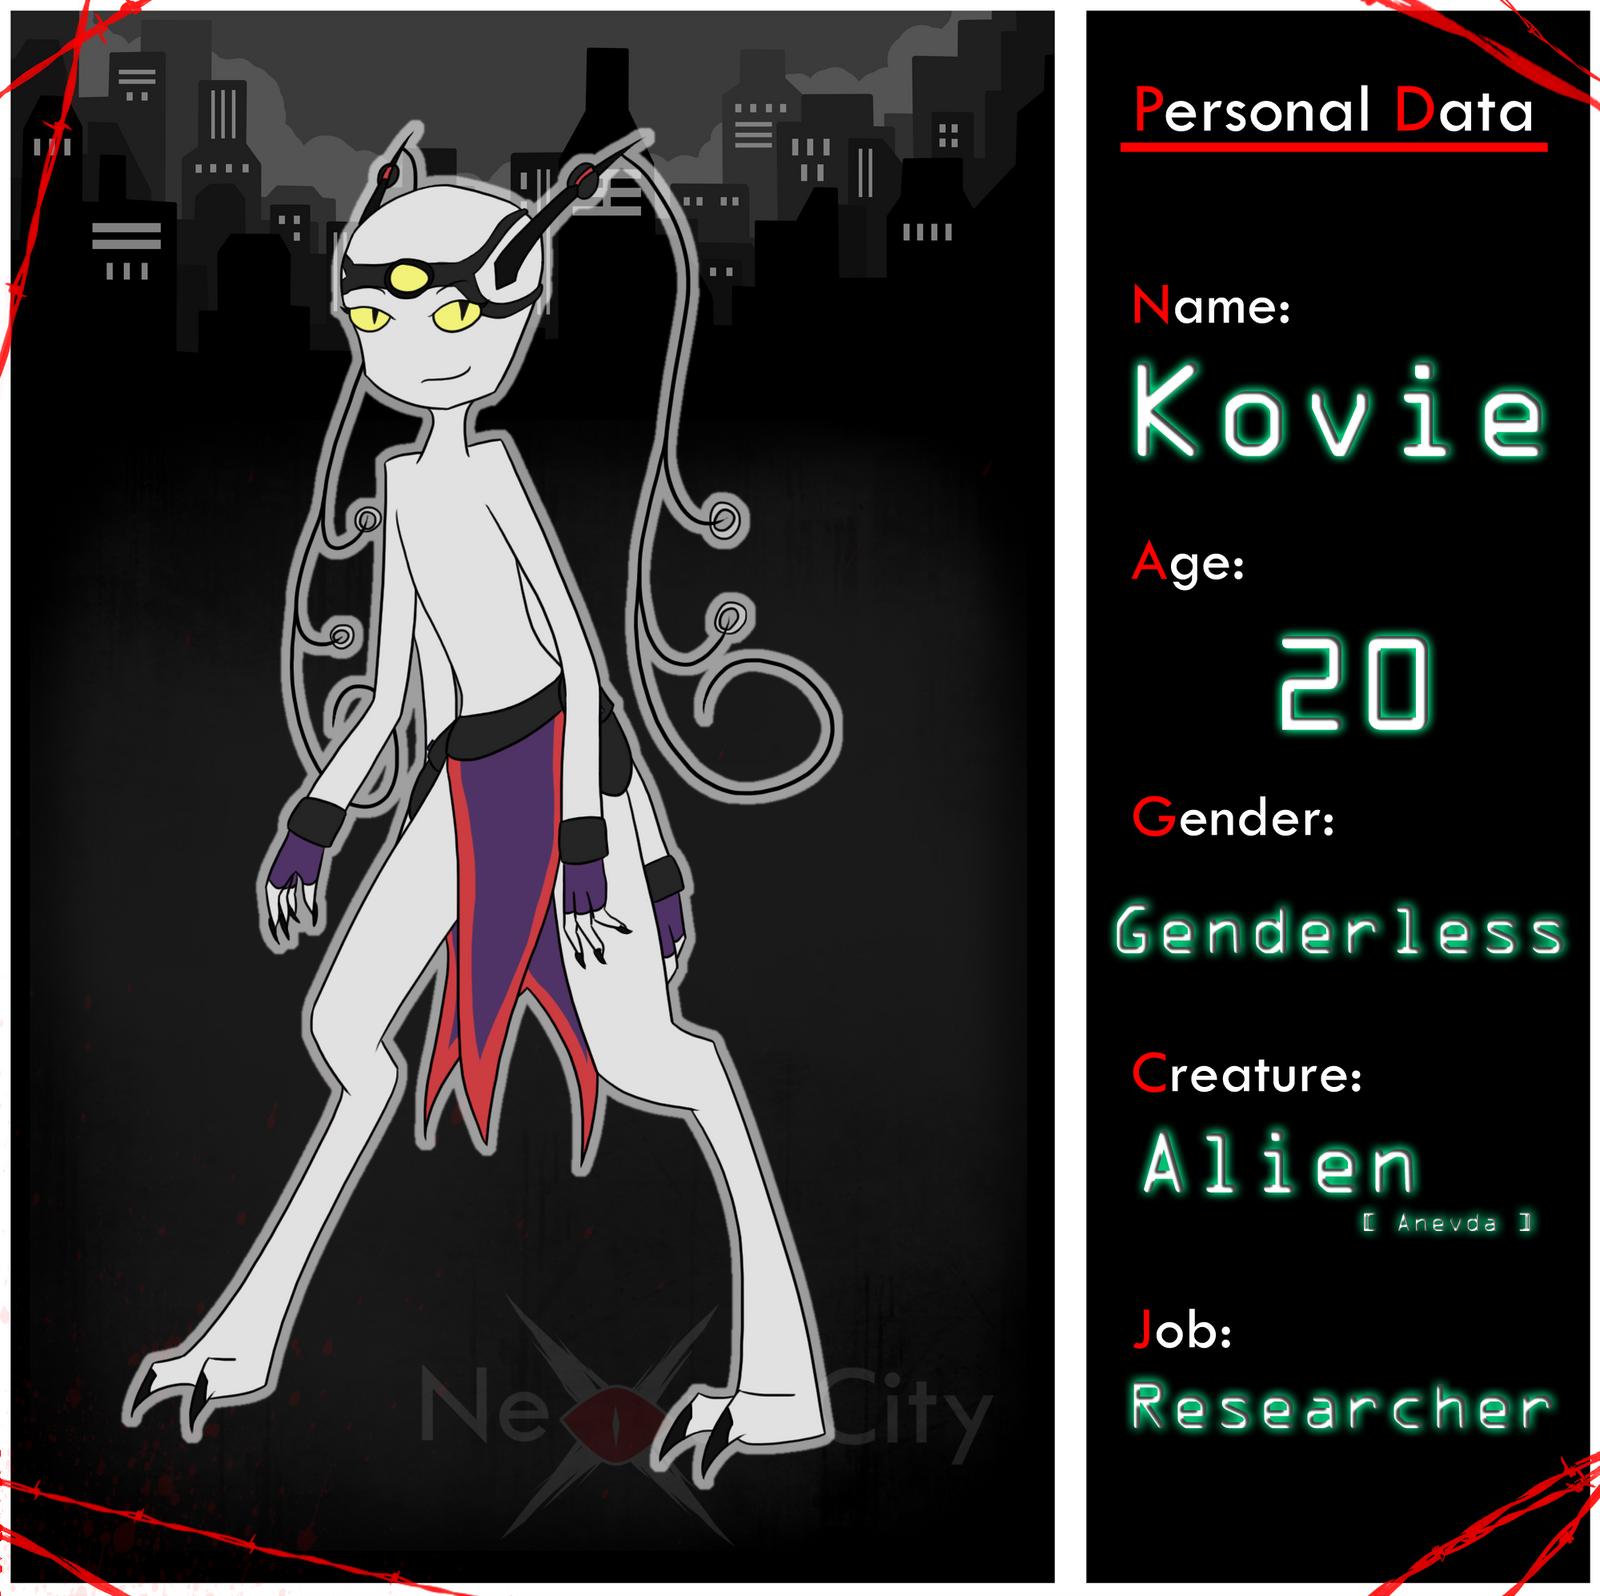 [Nexus City] - Kovie